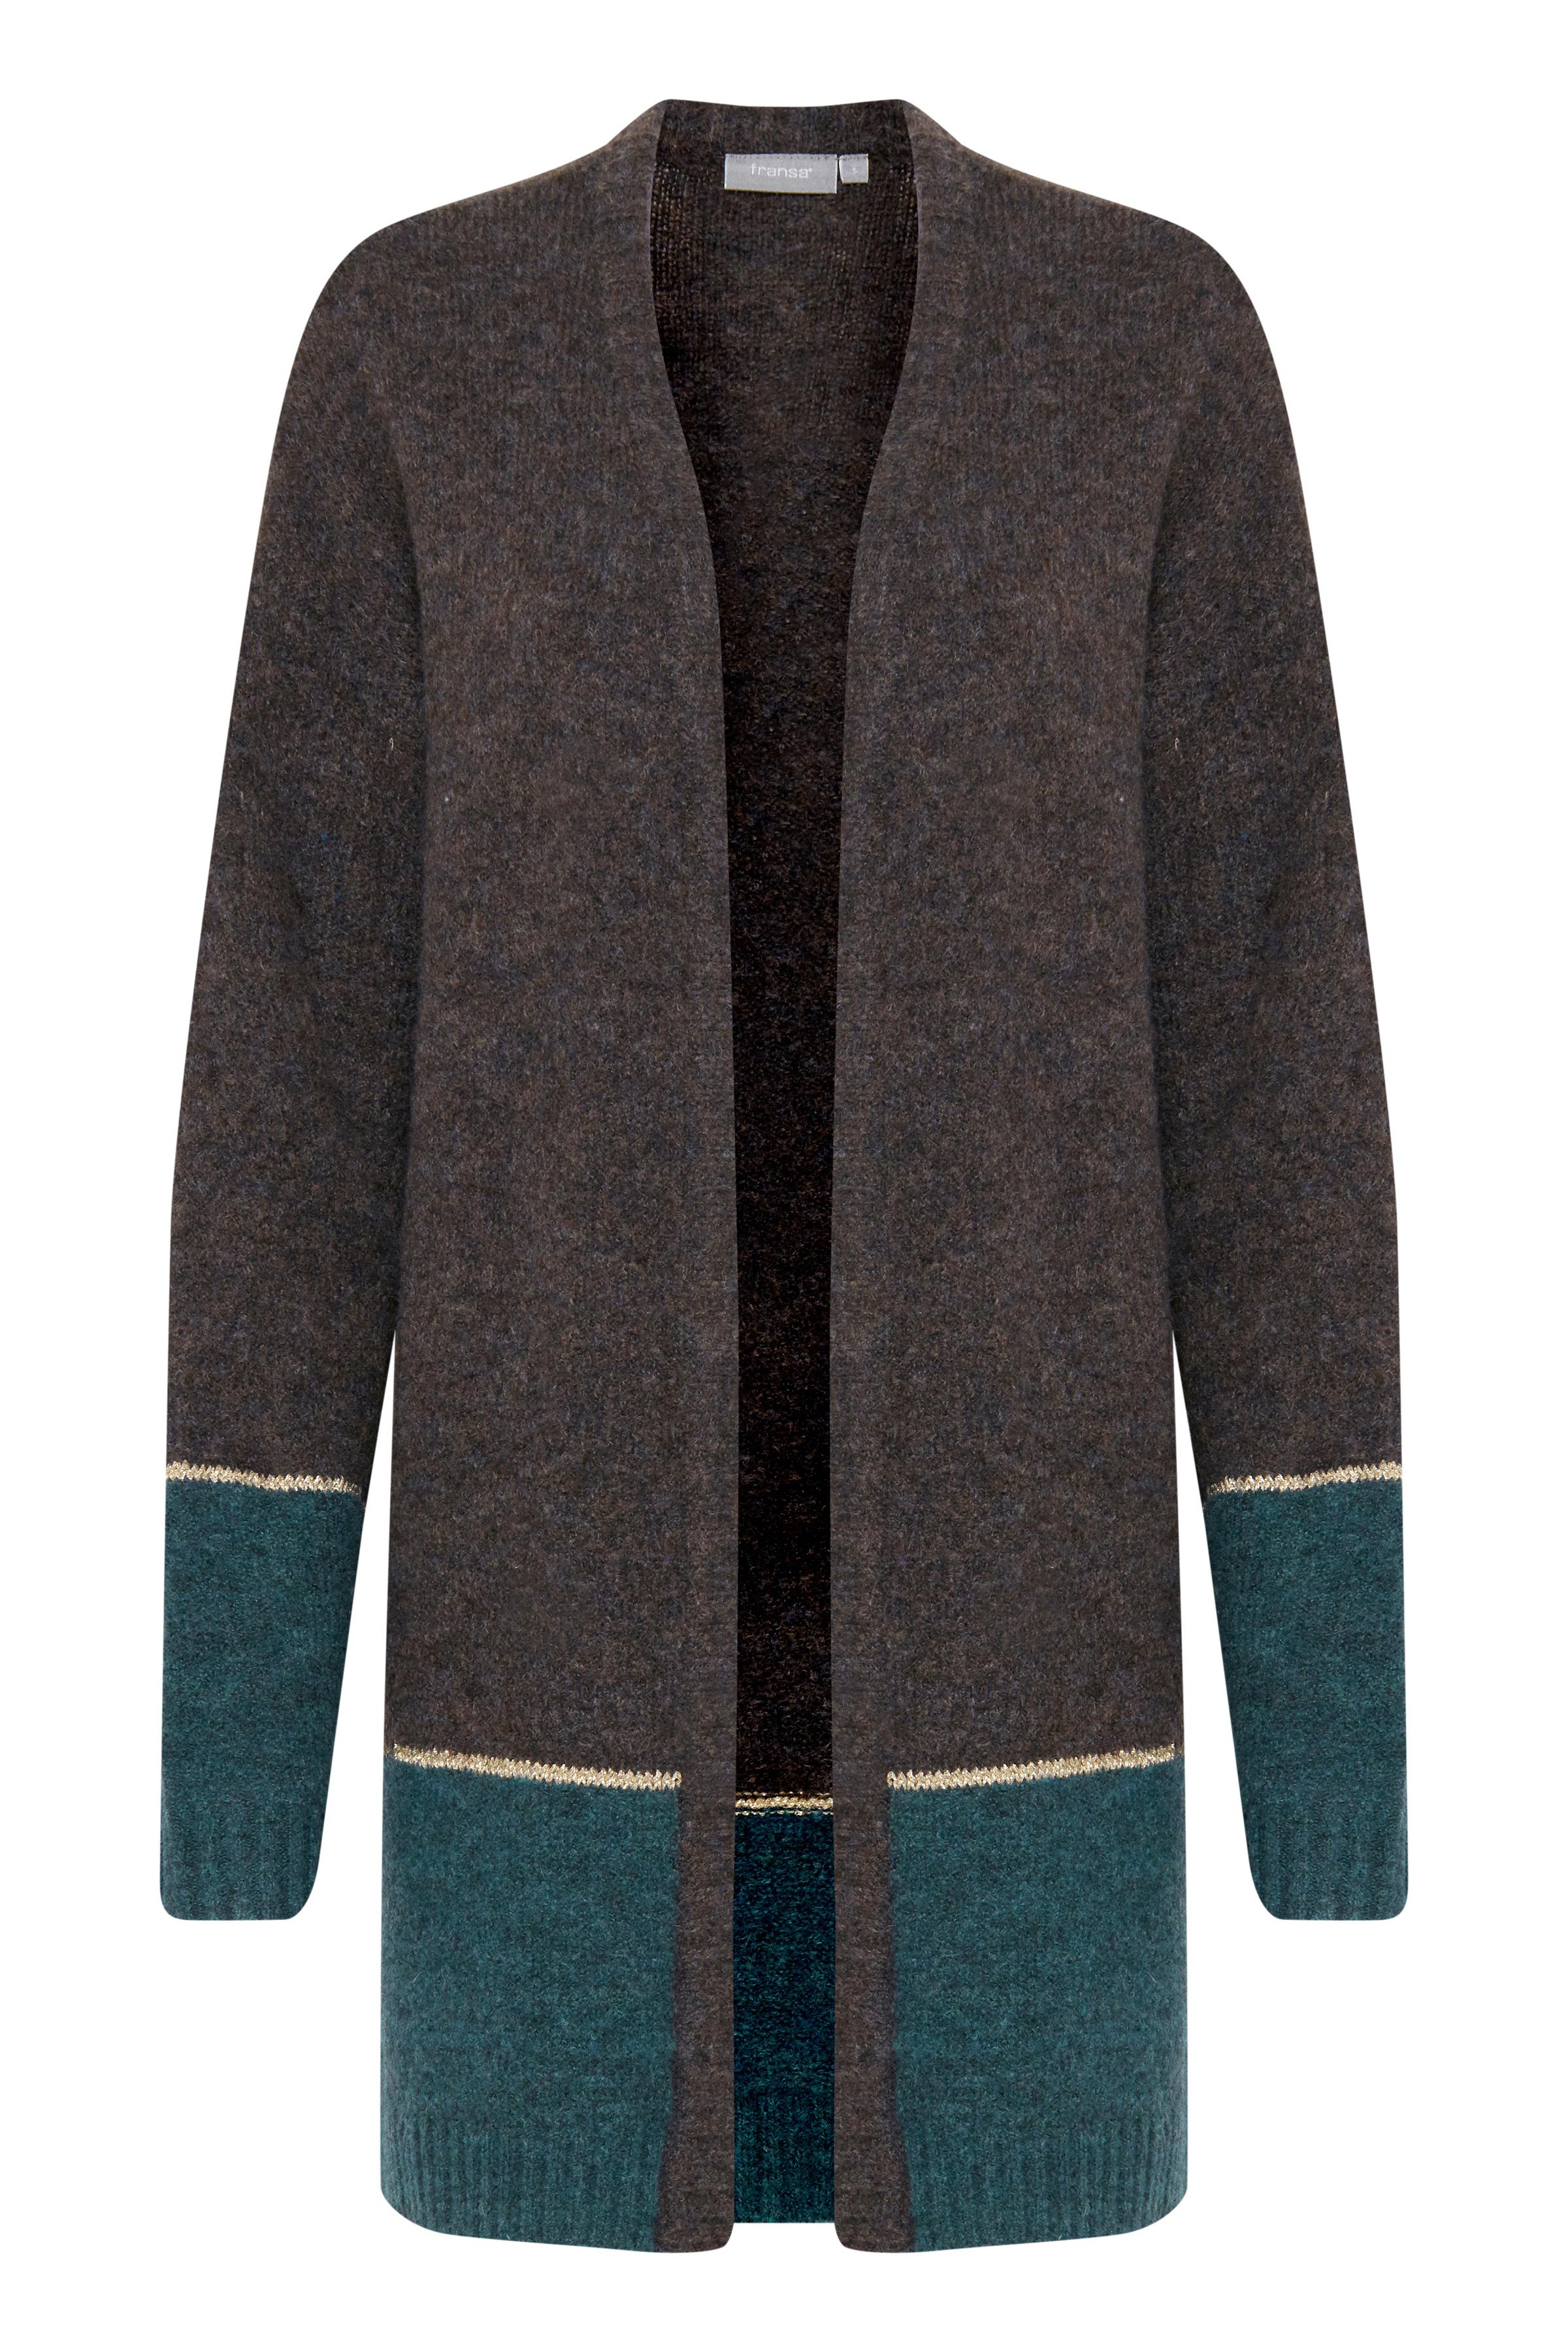 Fransa Dame Åbenstående strik cardigan med uld - Brun/petrol